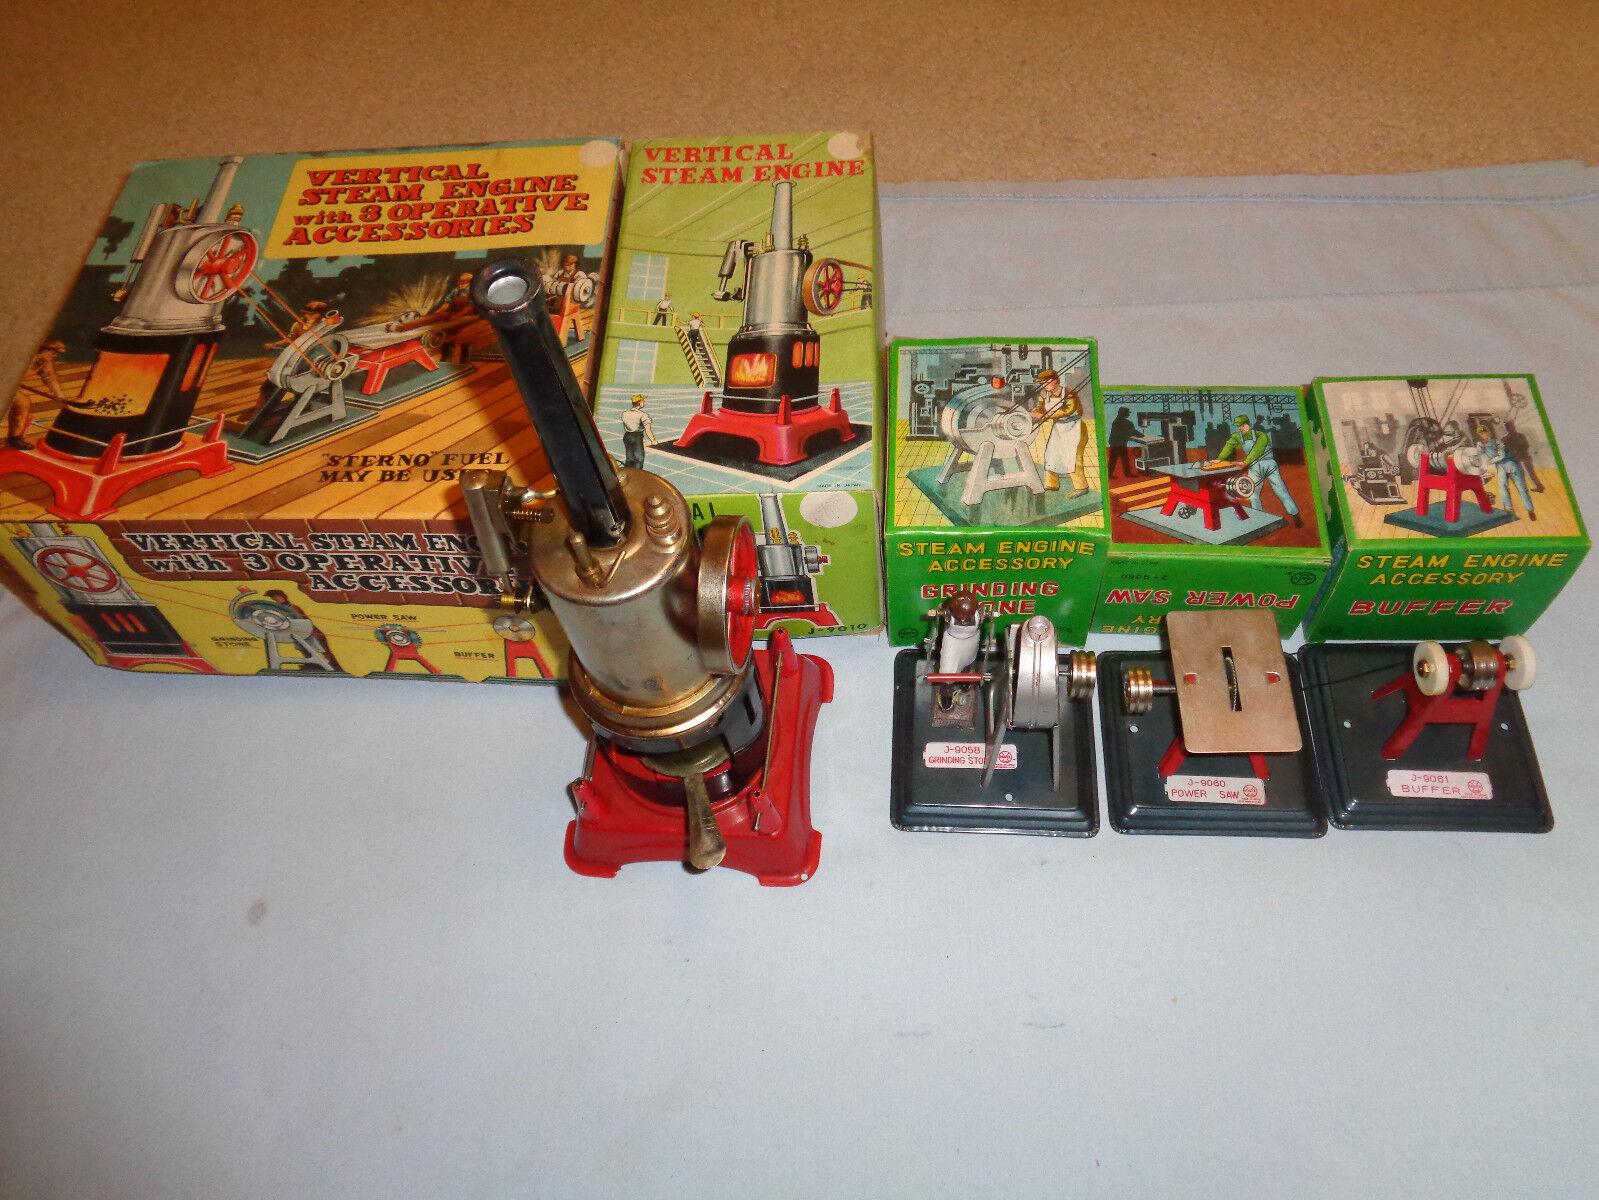 Marx  J-5322 Vertical Steam Engine w/3 Operative Accessories w/Original Box's